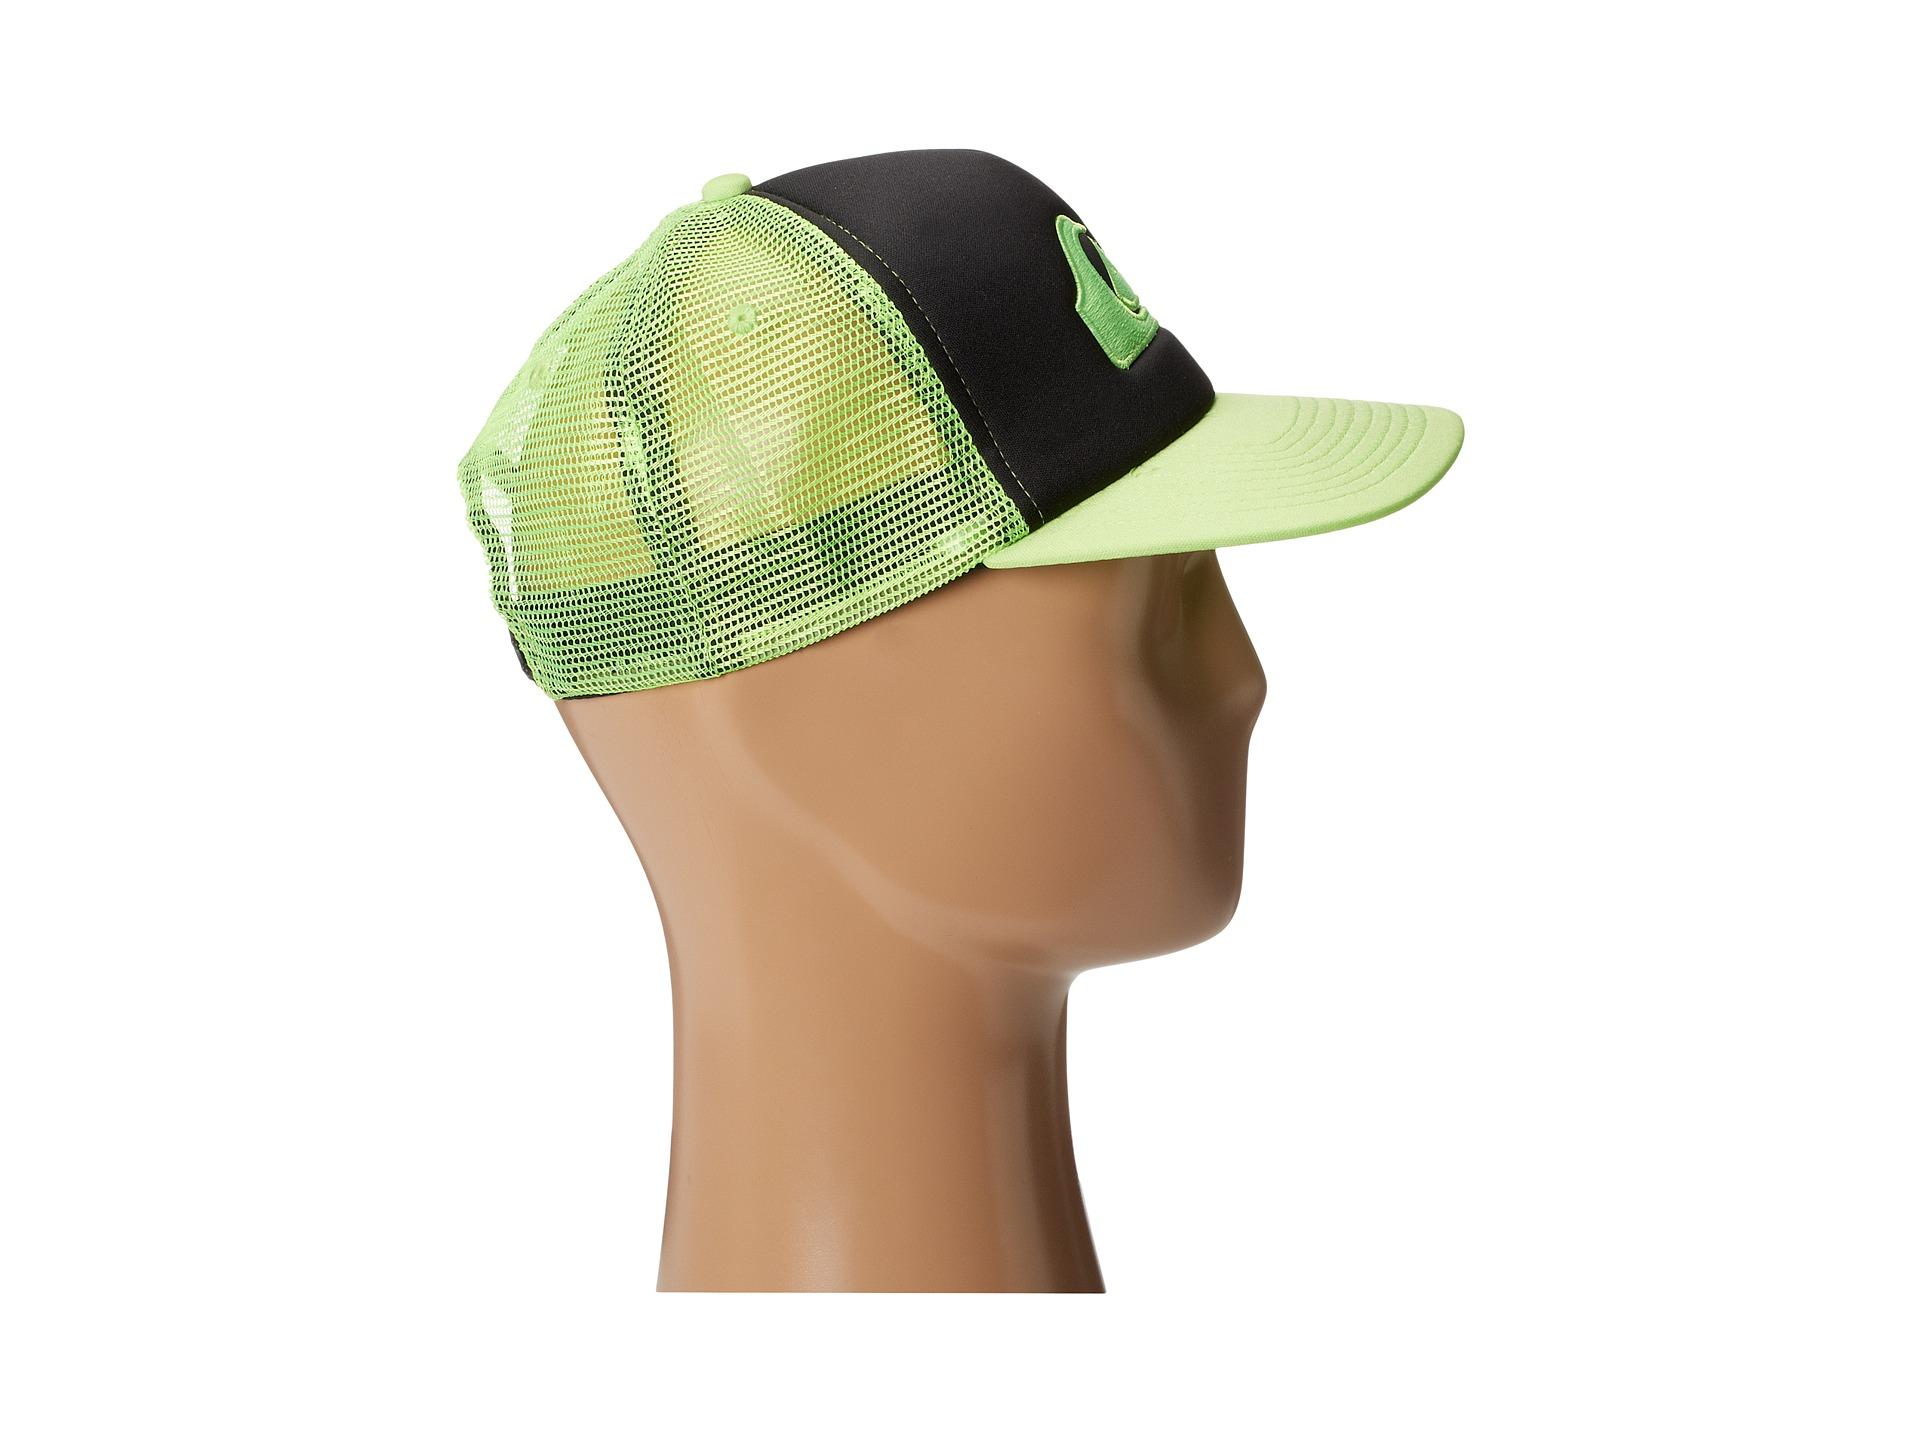 de324d96 Quiksilver Keeper Trucker Hat in Green for Men - Lyst